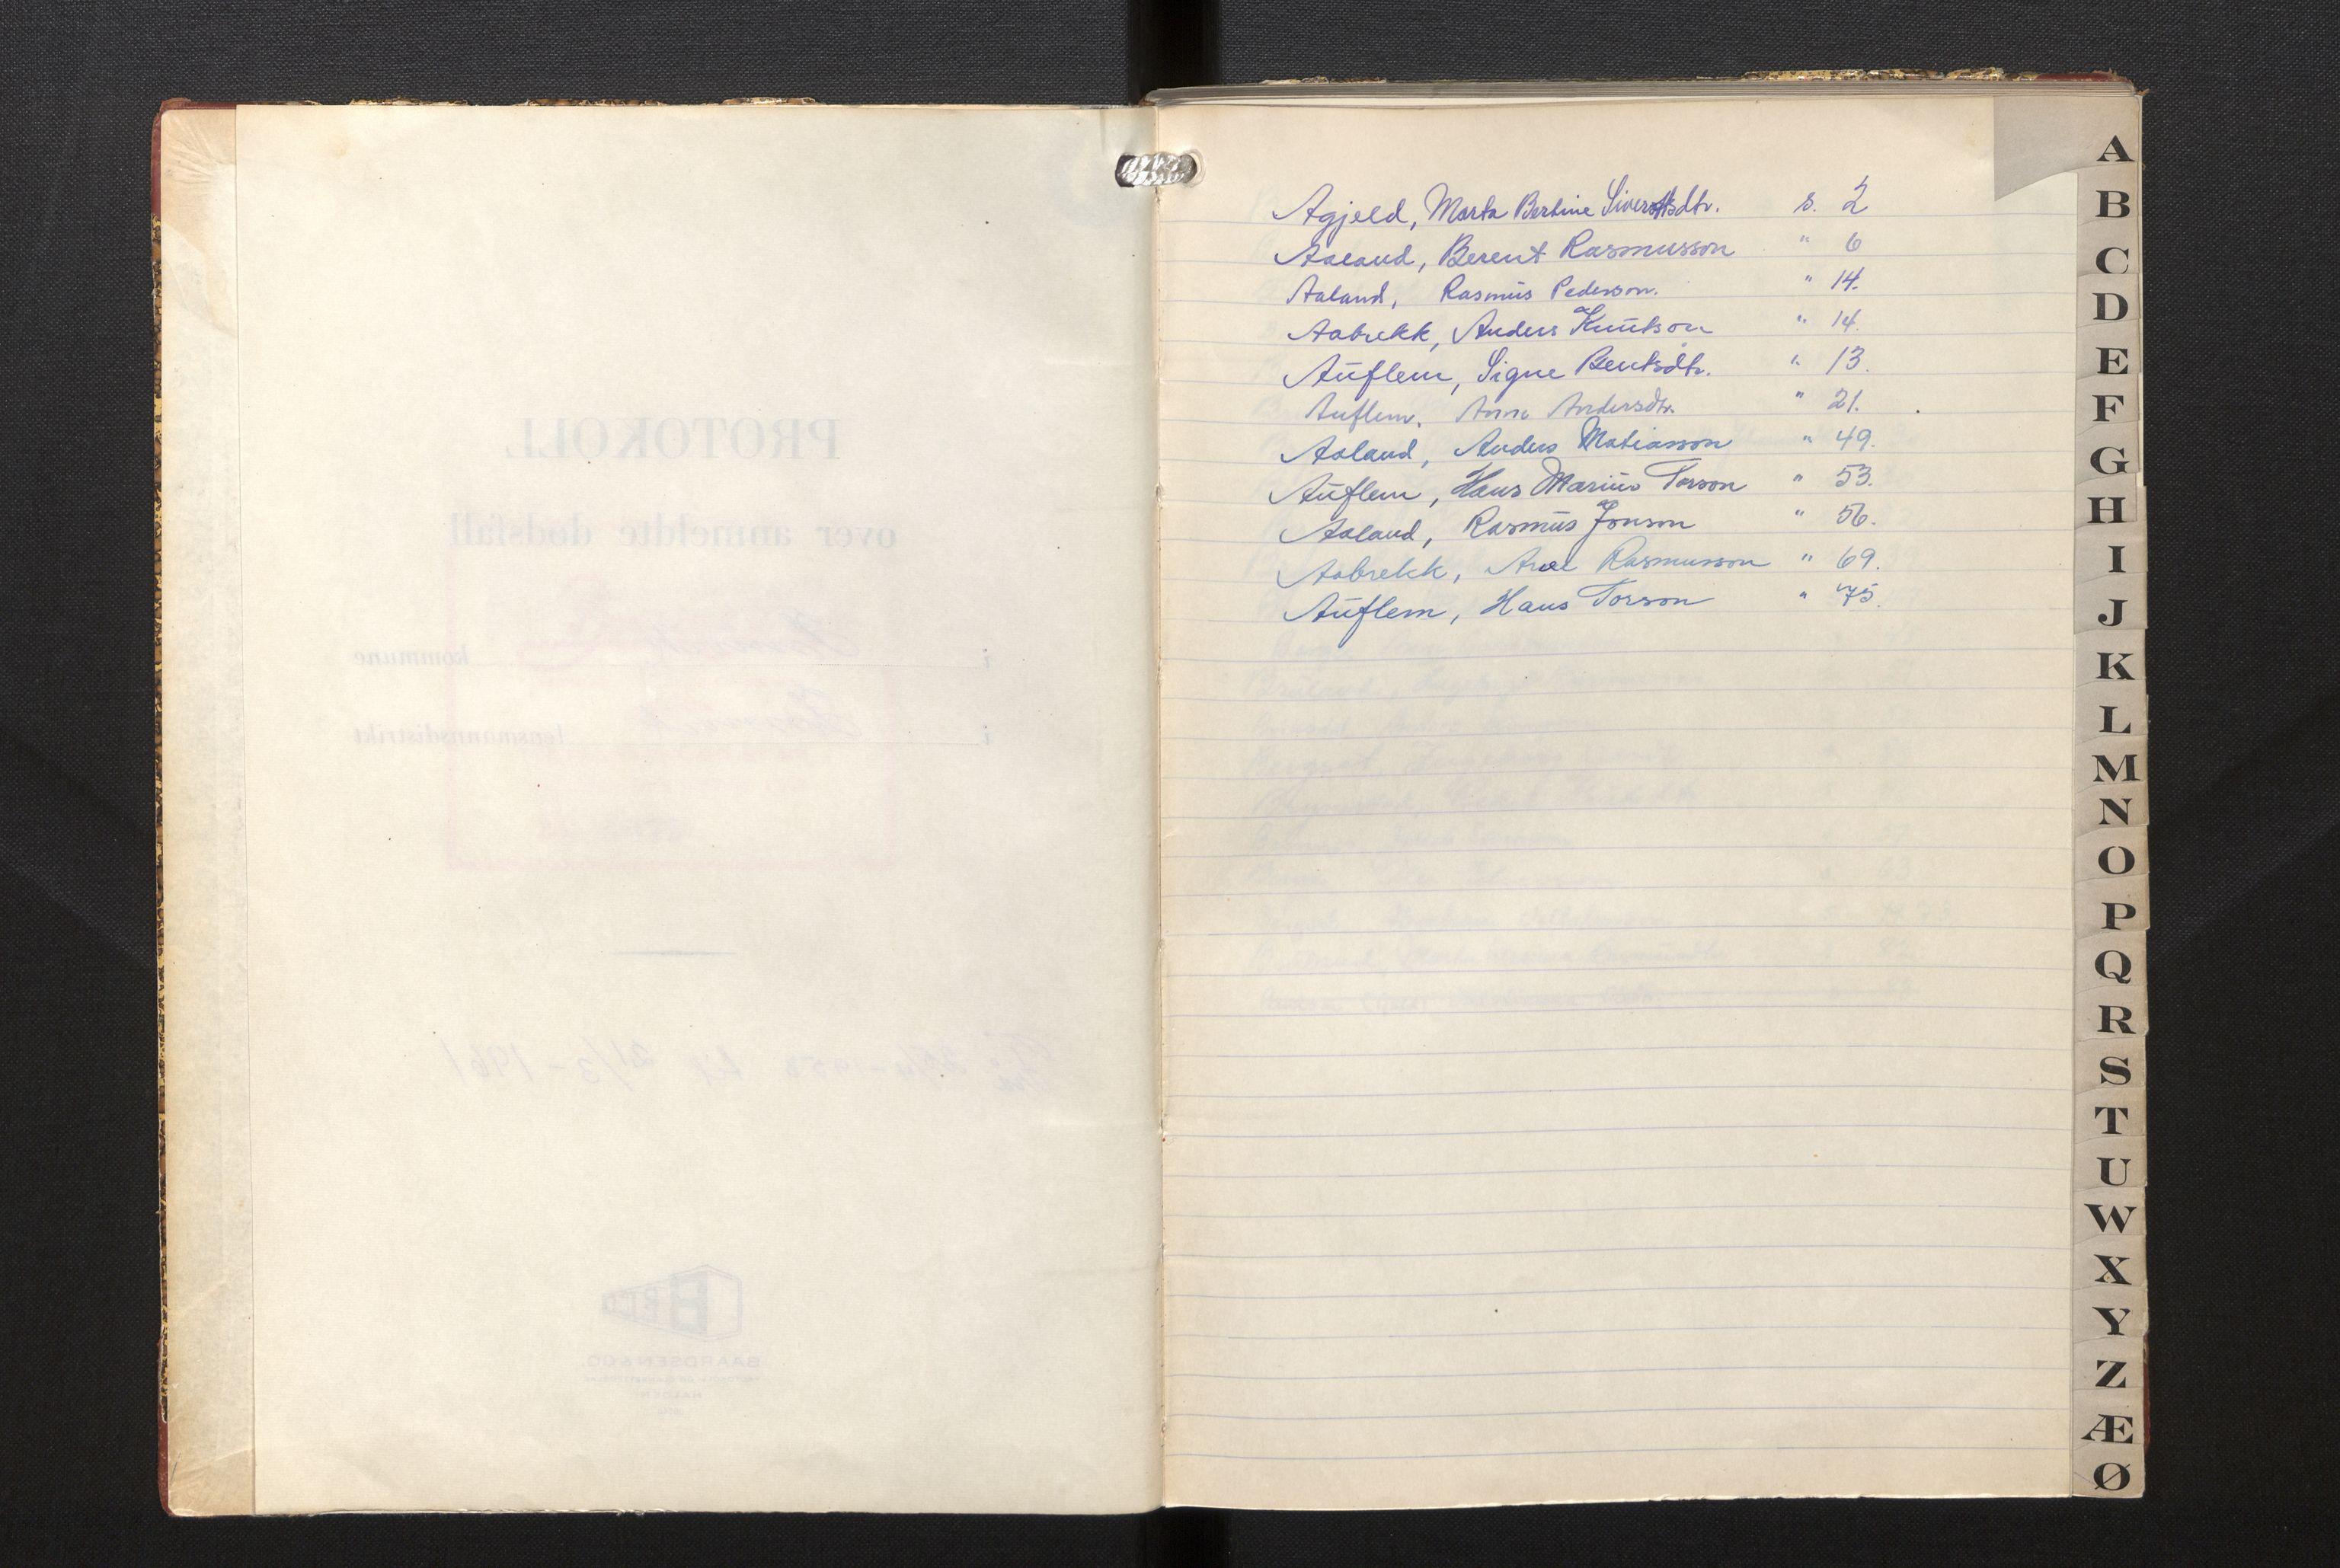 SAB, Lensmannen i Innvik, 0006/L0007: Dødsfallprotokoll, 1953-1961